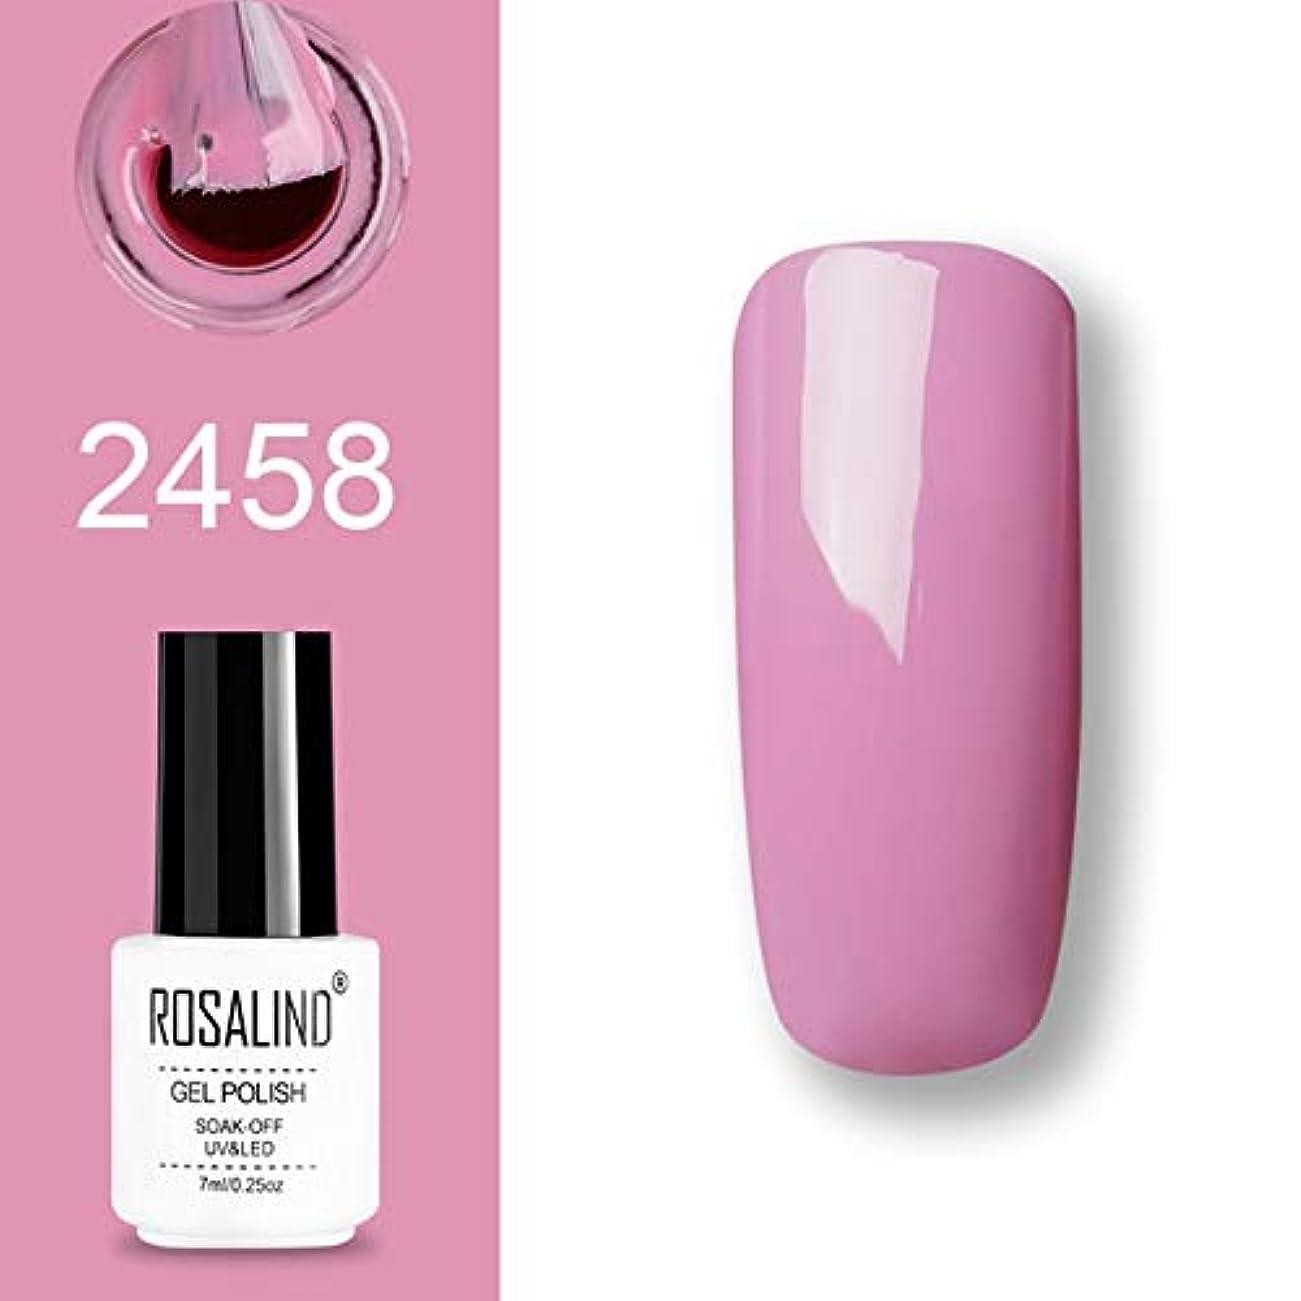 ファッションアイテム ROSALINDジェルポリッシュセットUVセミパーマネントプライマートップコートポリジェルニスネイルアートマニキュアジェル、ピンク、容量:7ml 2458。 環境に優しいマニキュア